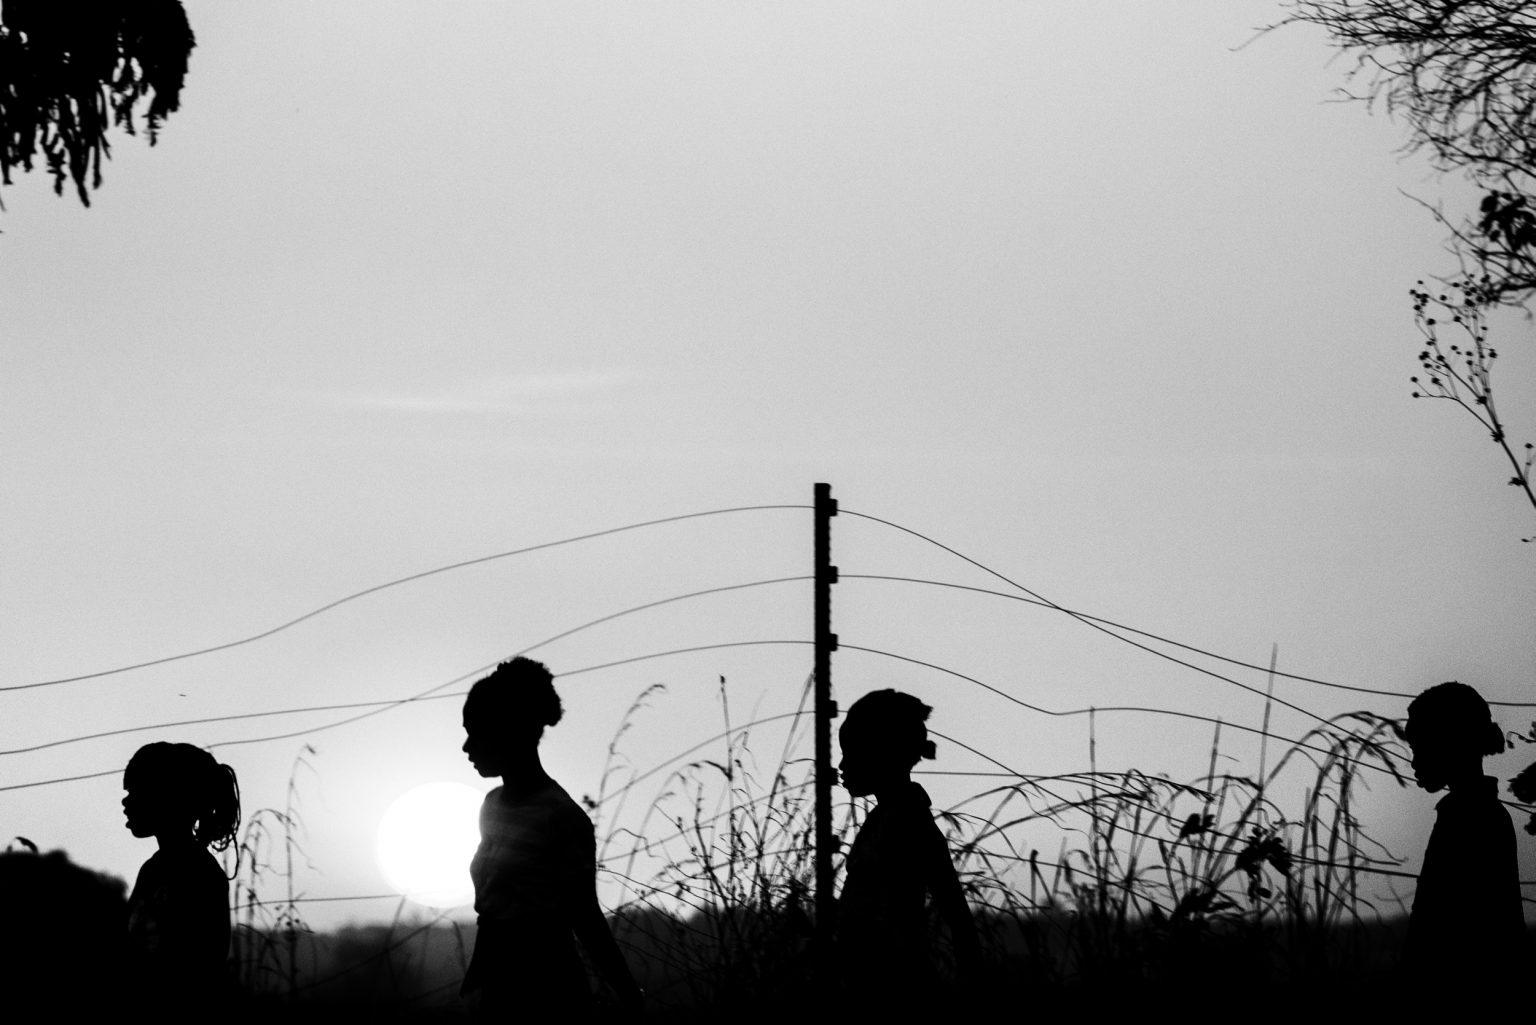 il fine settimana in un campo nelle vicinanze del centro si sfidano squadre provenienti da piccole comunità dei dintorni.